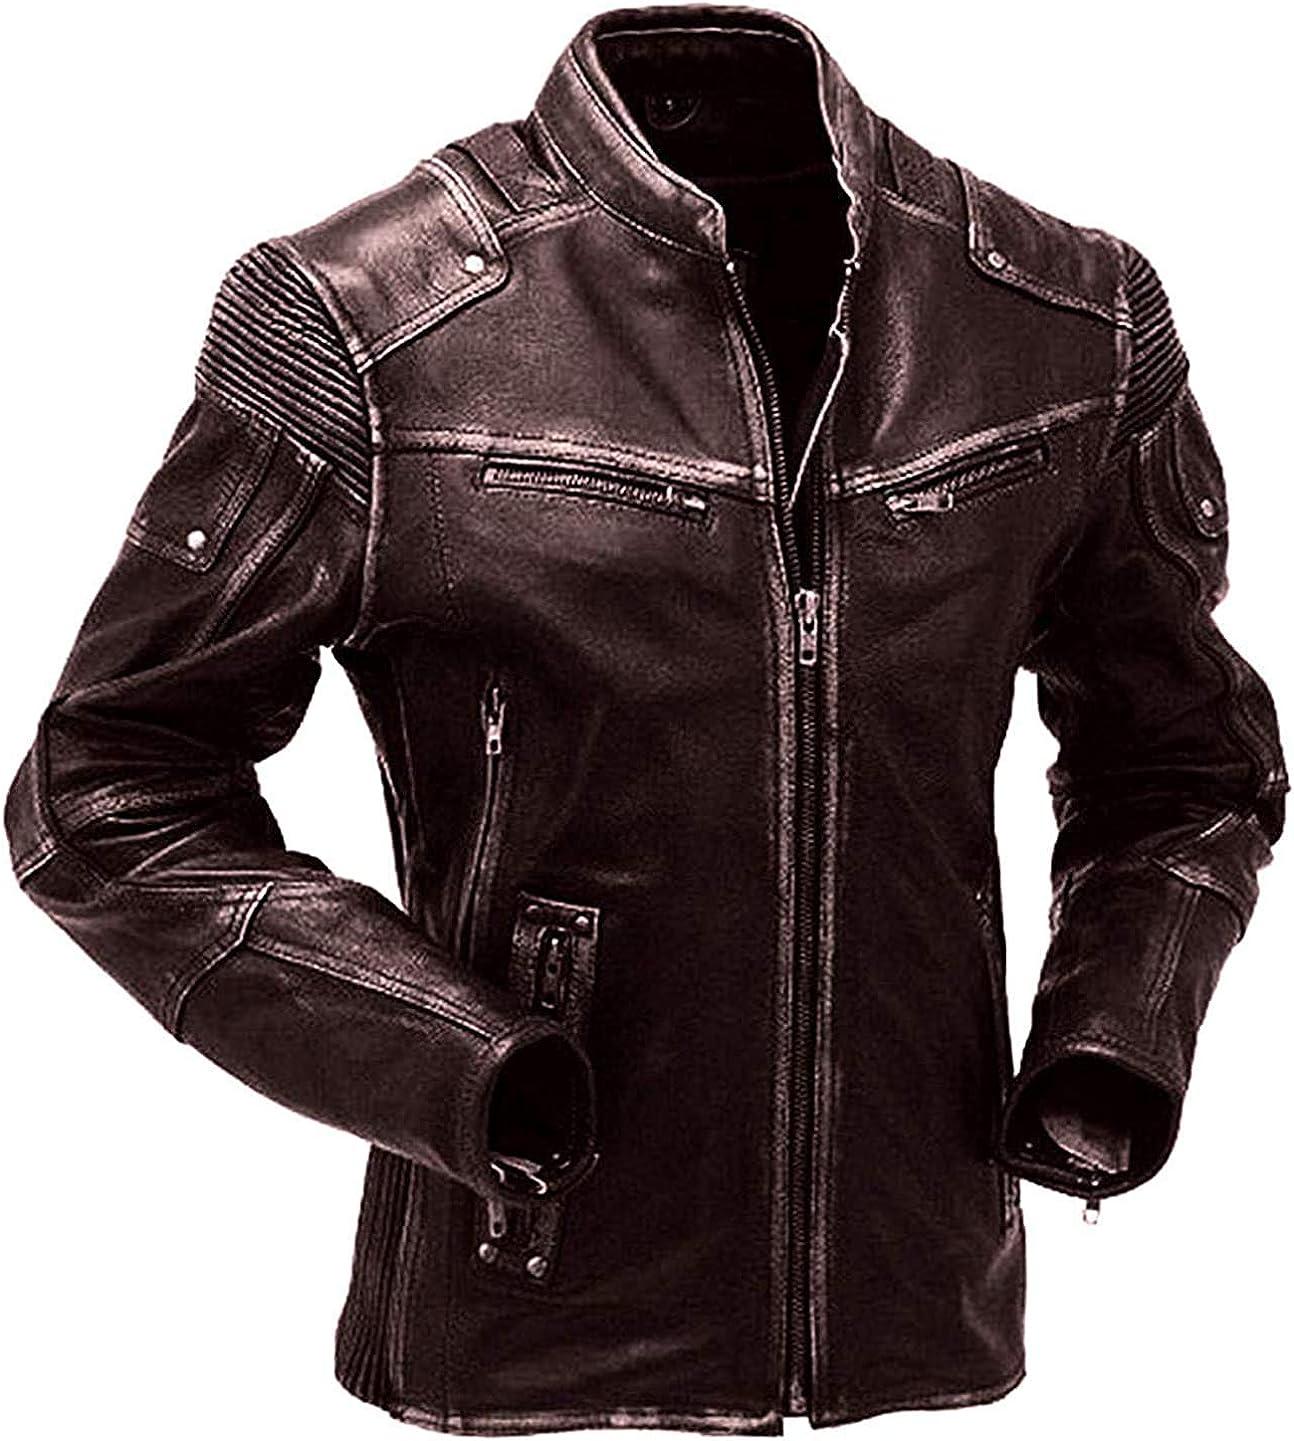 Cafe Racer Vintage Biker Distressed Motorcycle Black Leather Jacket Men